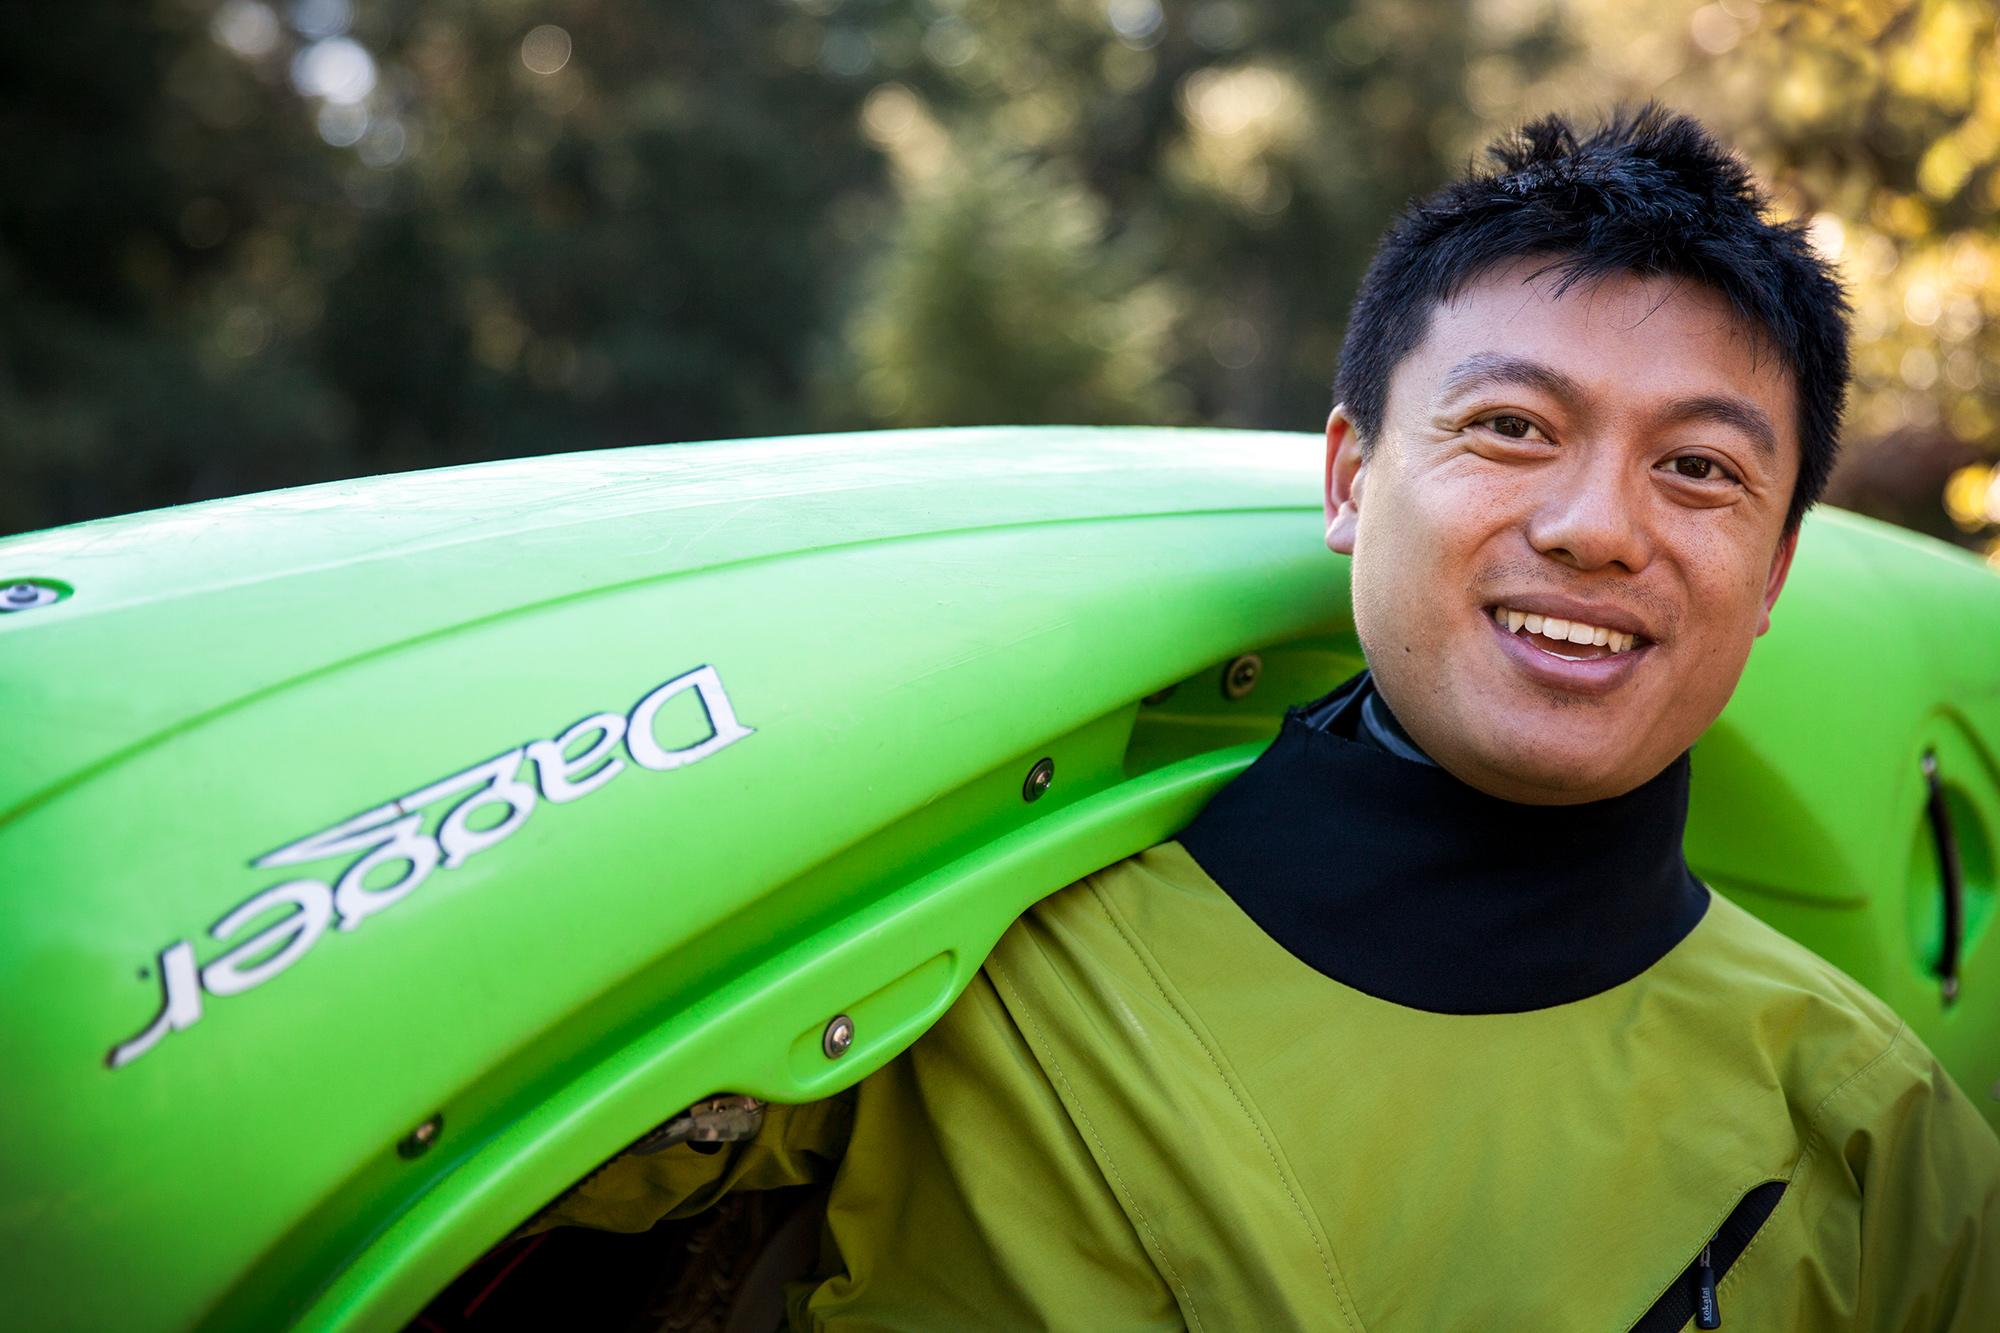 kayak_web.jpg